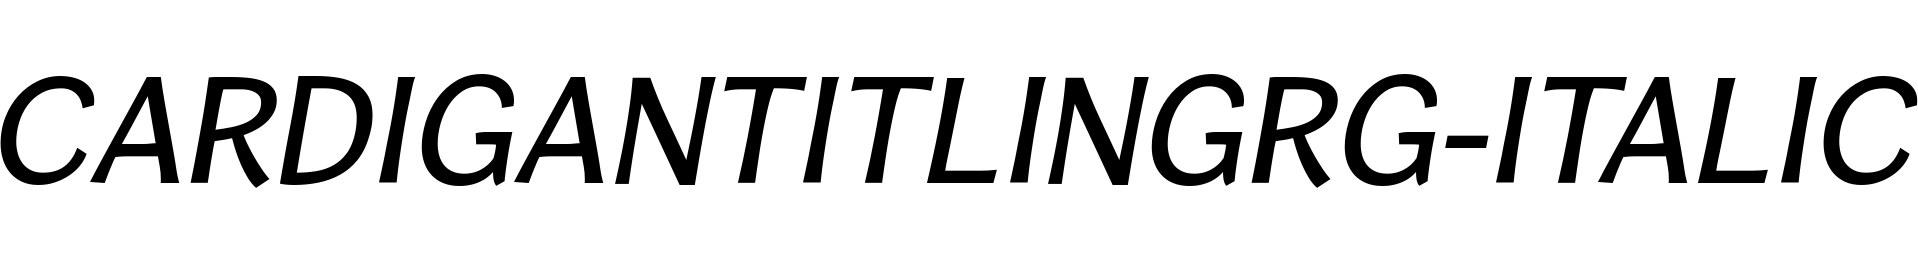 CardiganTitlingRg-Italic